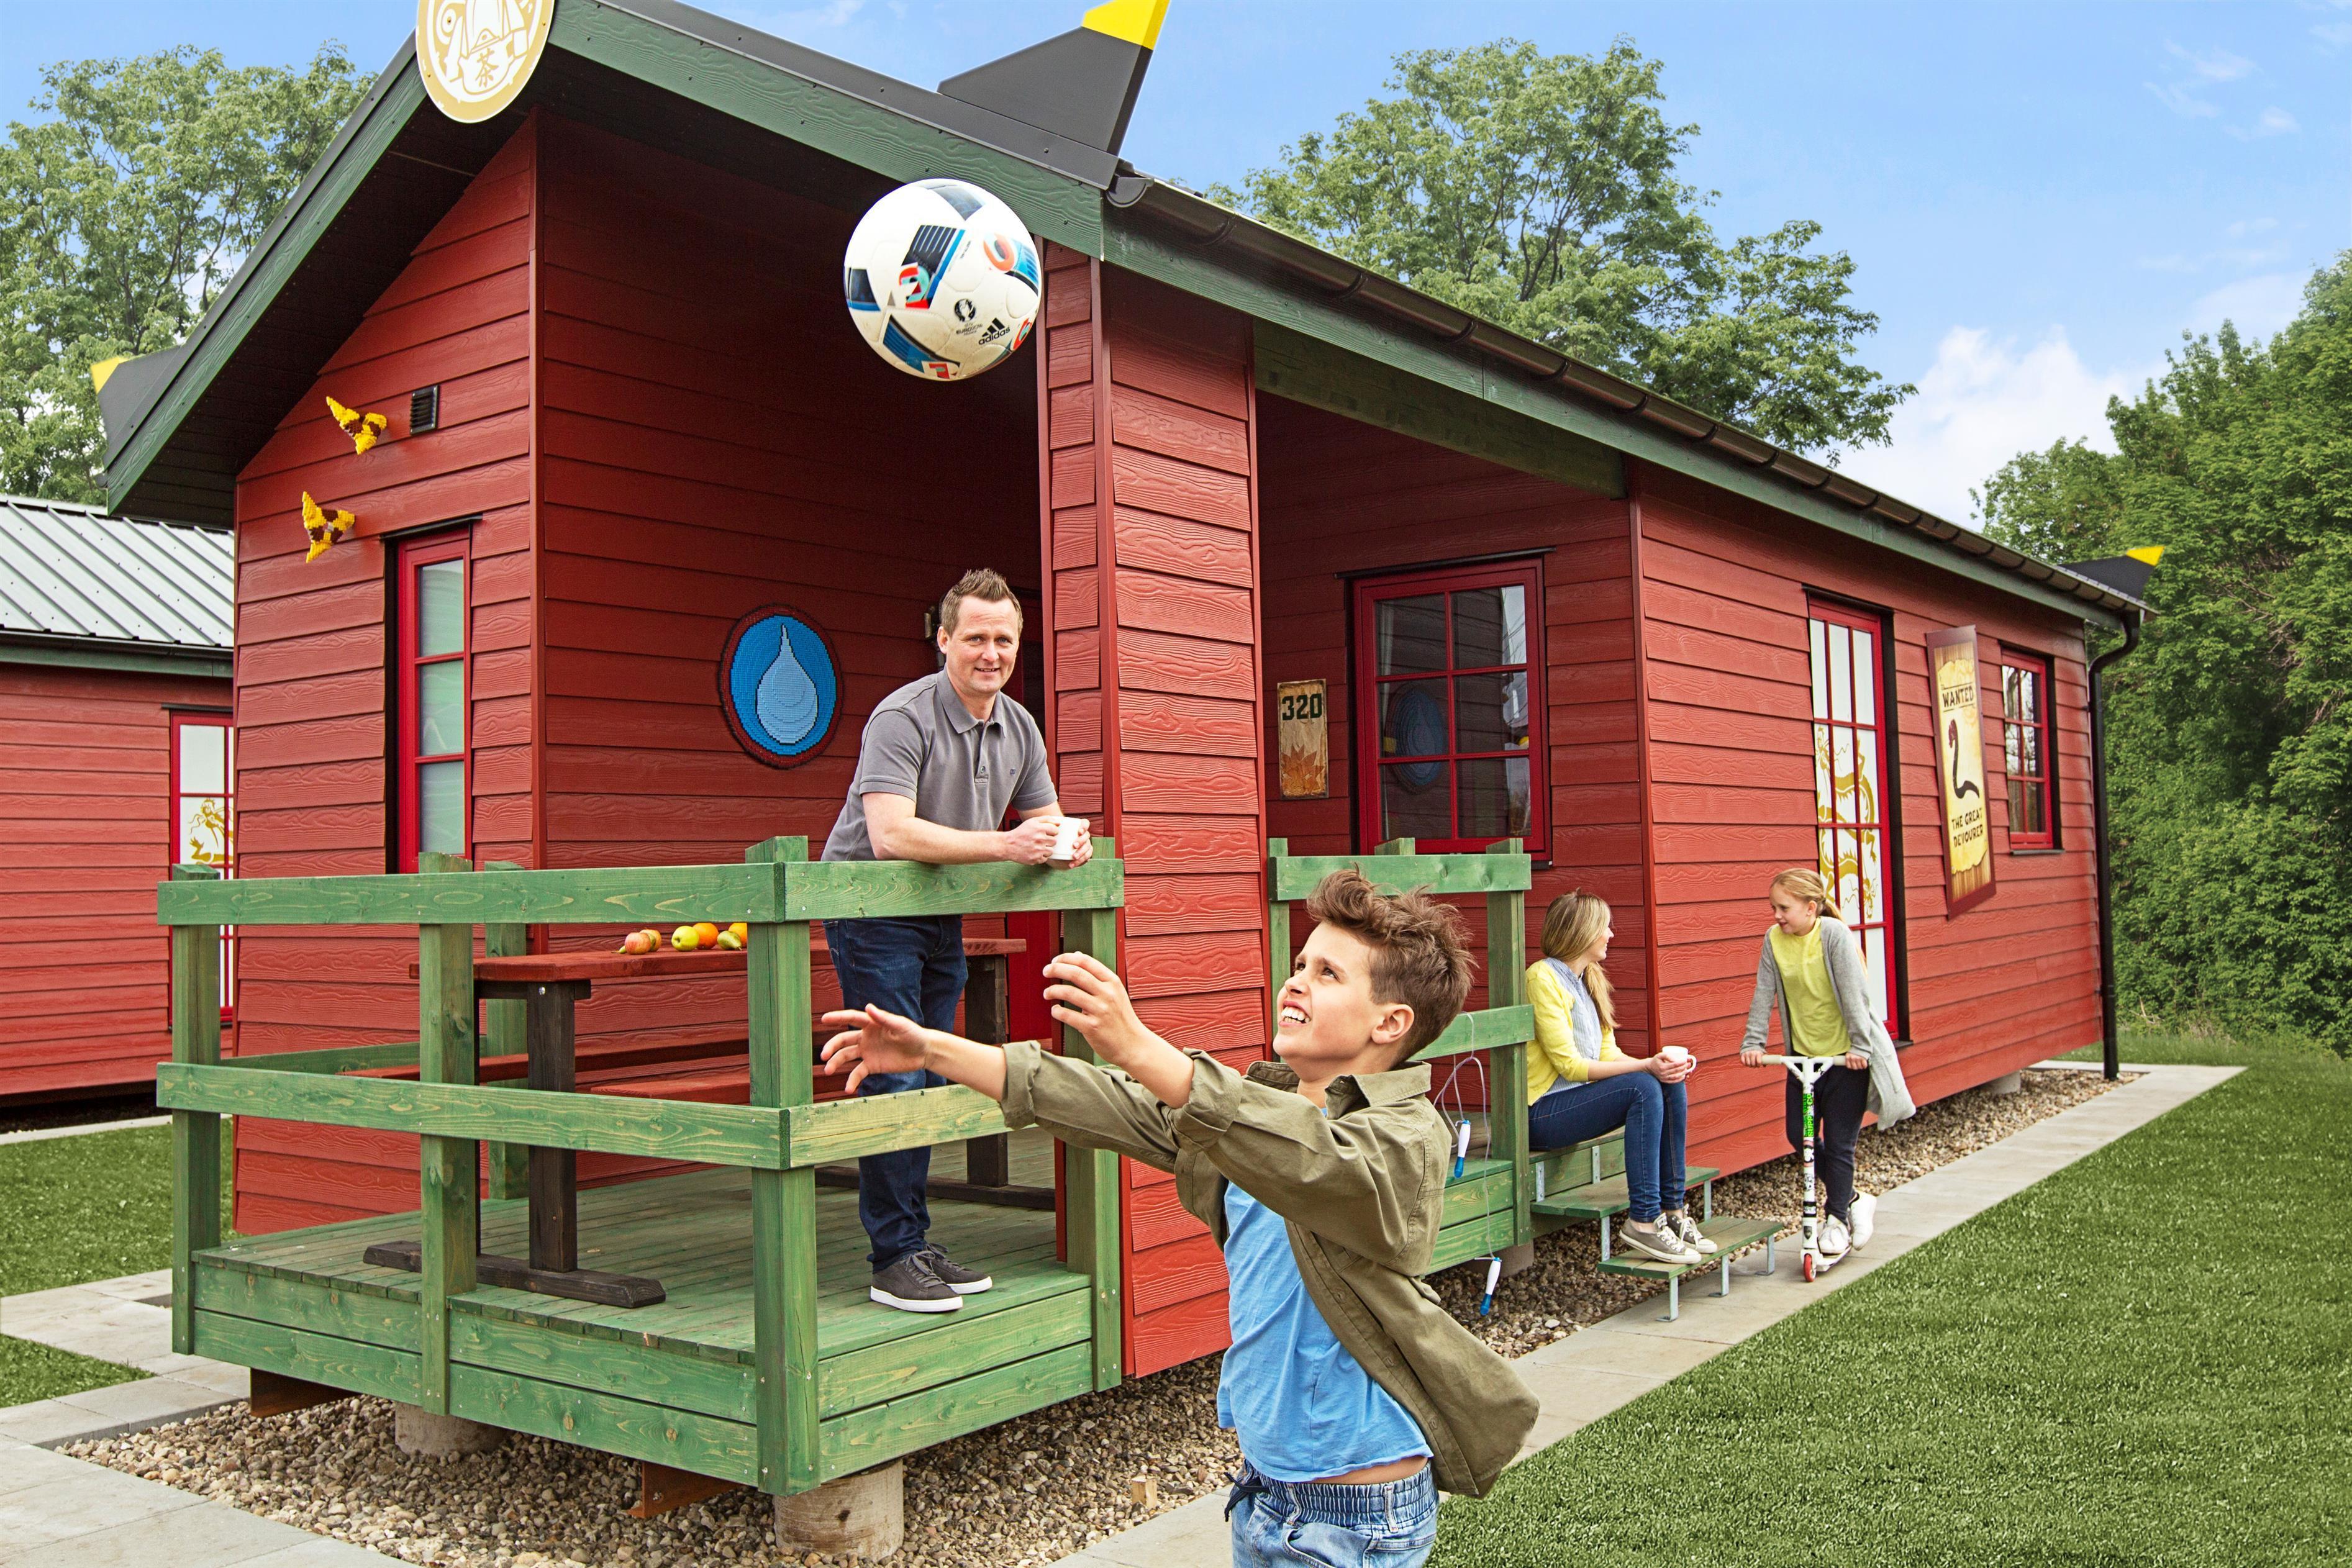 LEGOLAND®holidays accommodation around LEGOLAND Denmark